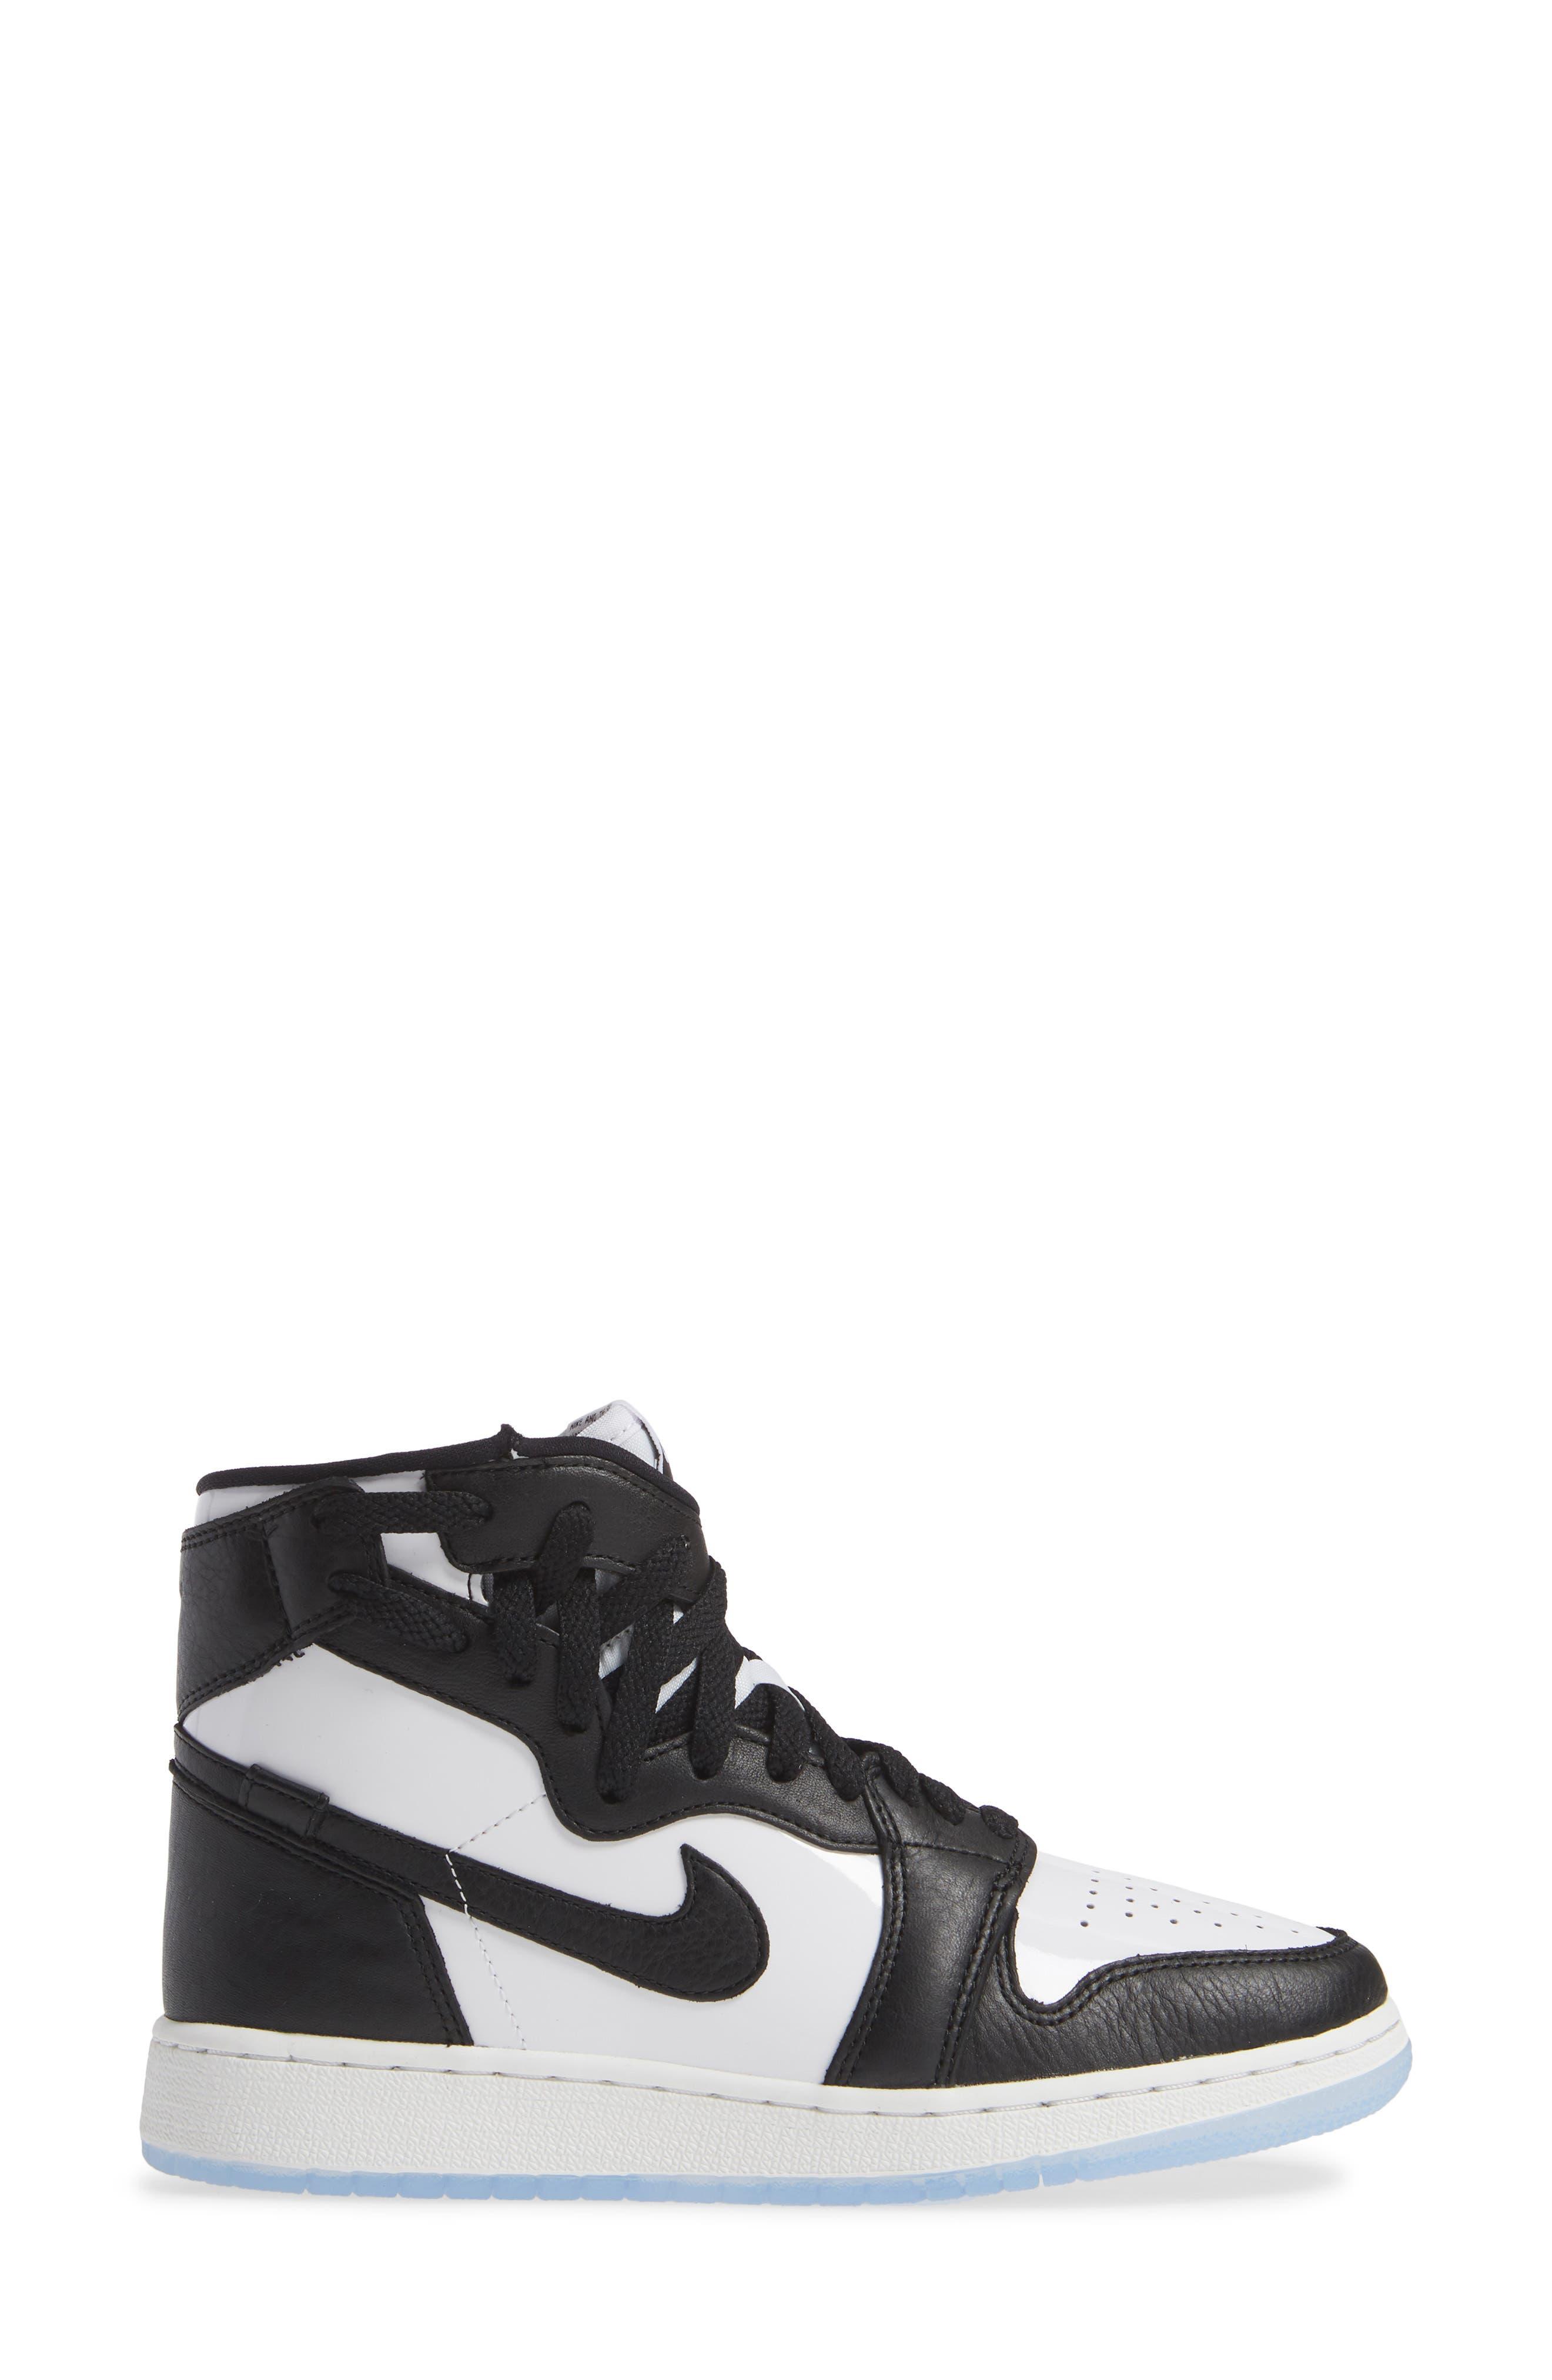 Air Jordan 1 Rebel XX High Top Sneaker,                             Alternate thumbnail 3, color,                             BLACK/ BLACK